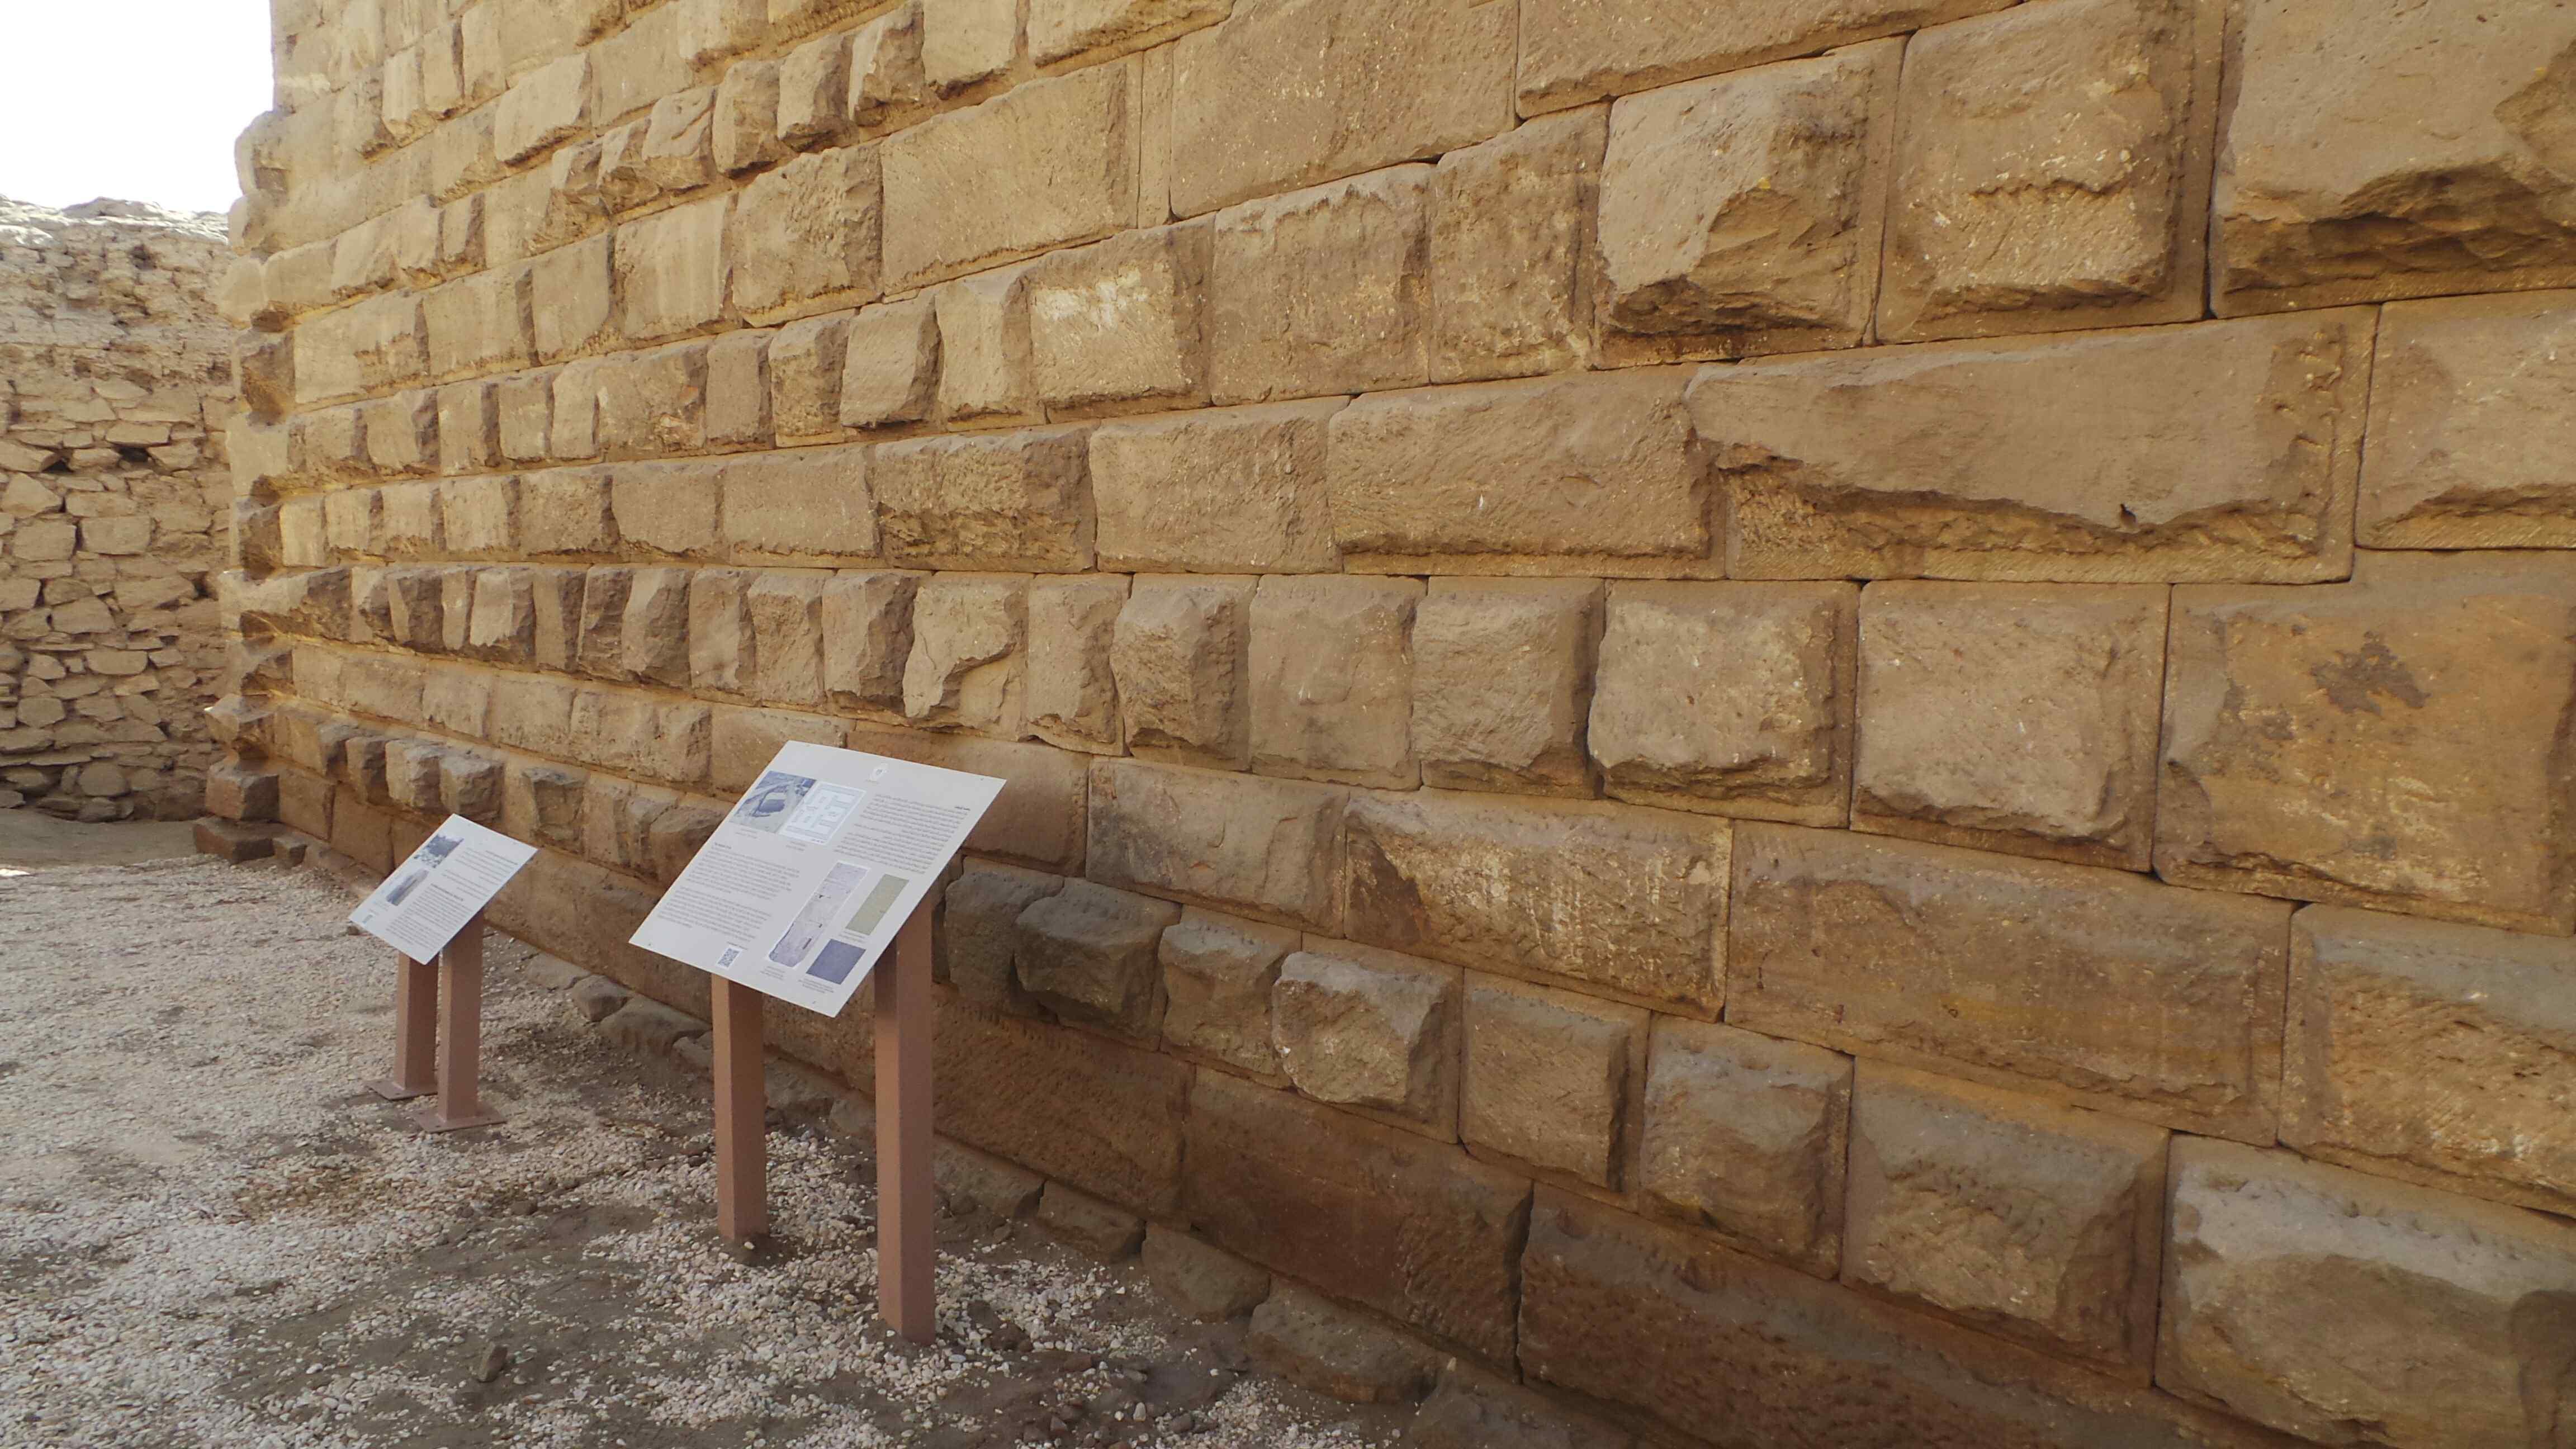 معبد إيزيس بعد افتتاحه بمناسبة عيد أسوان (12)